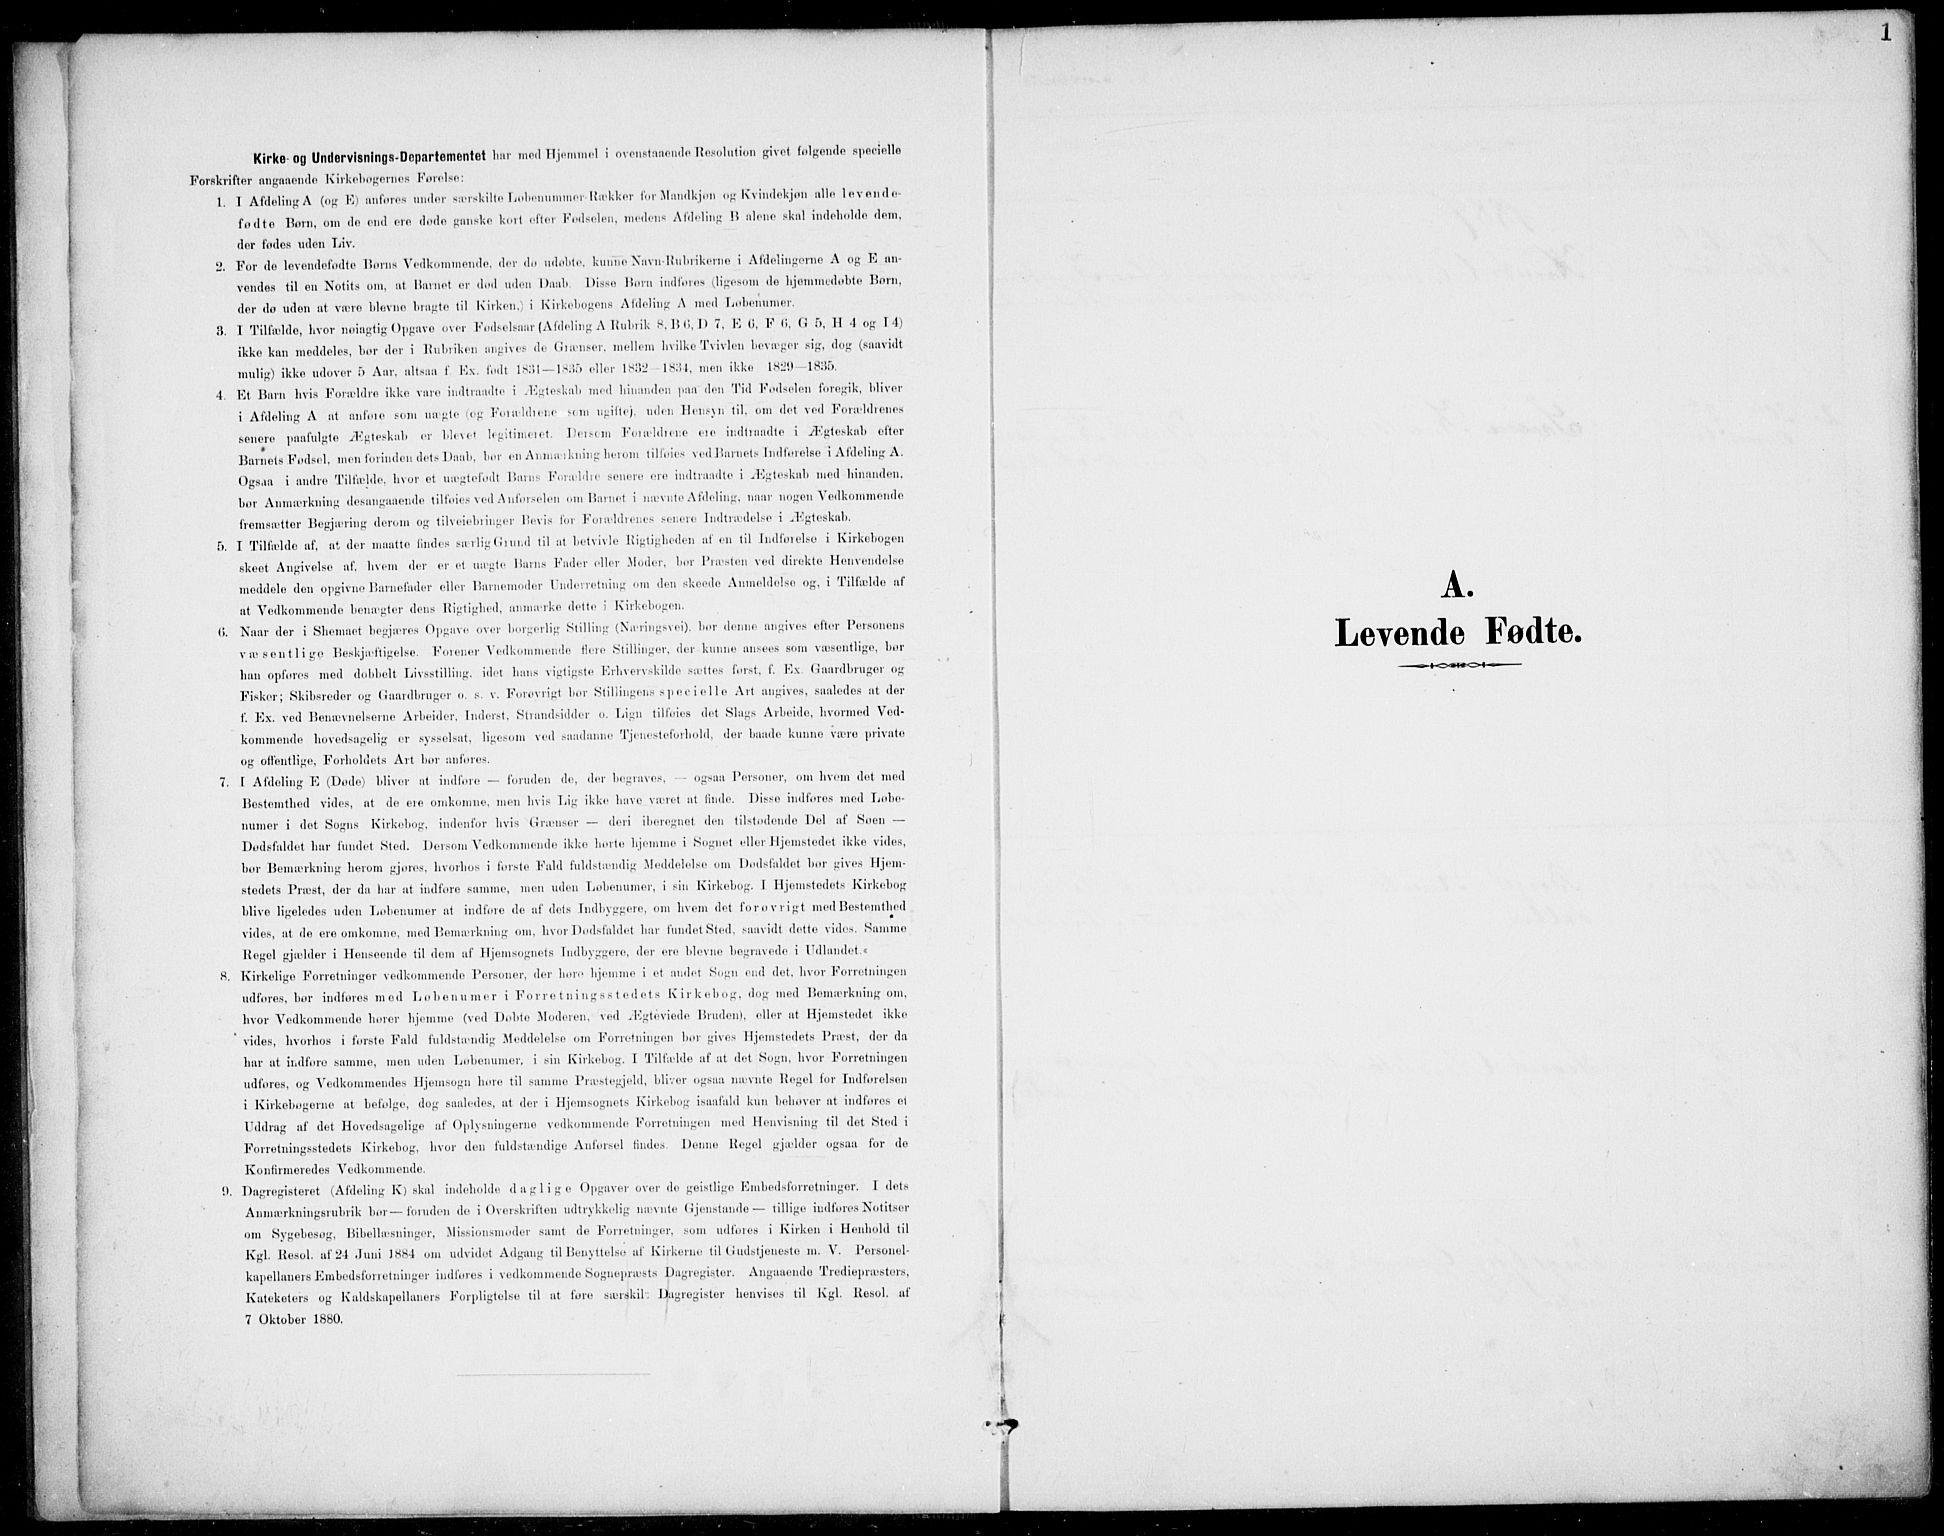 SAKO, Rauland kirkebøker, G/Gb/L0002: Klokkerbok nr. II 2, 1887-1937, s. 1